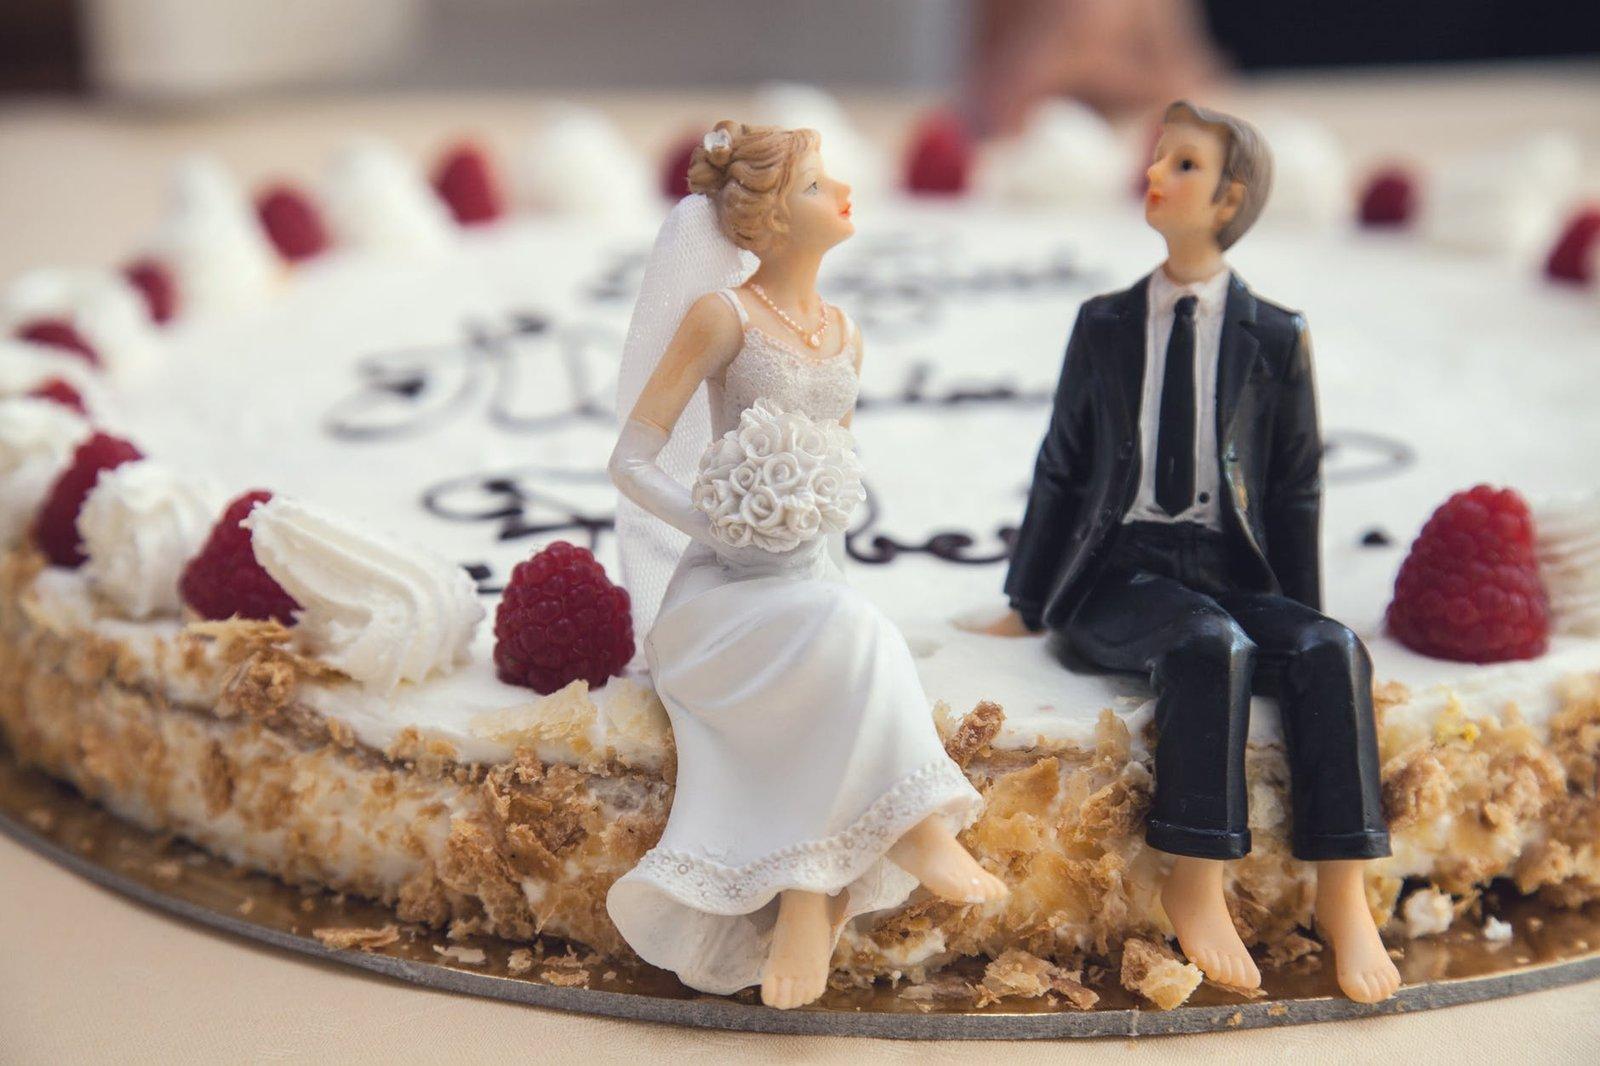 خطوات توثيق زواج الأجانب في مصر – المستشارة هيام جمعة سالم